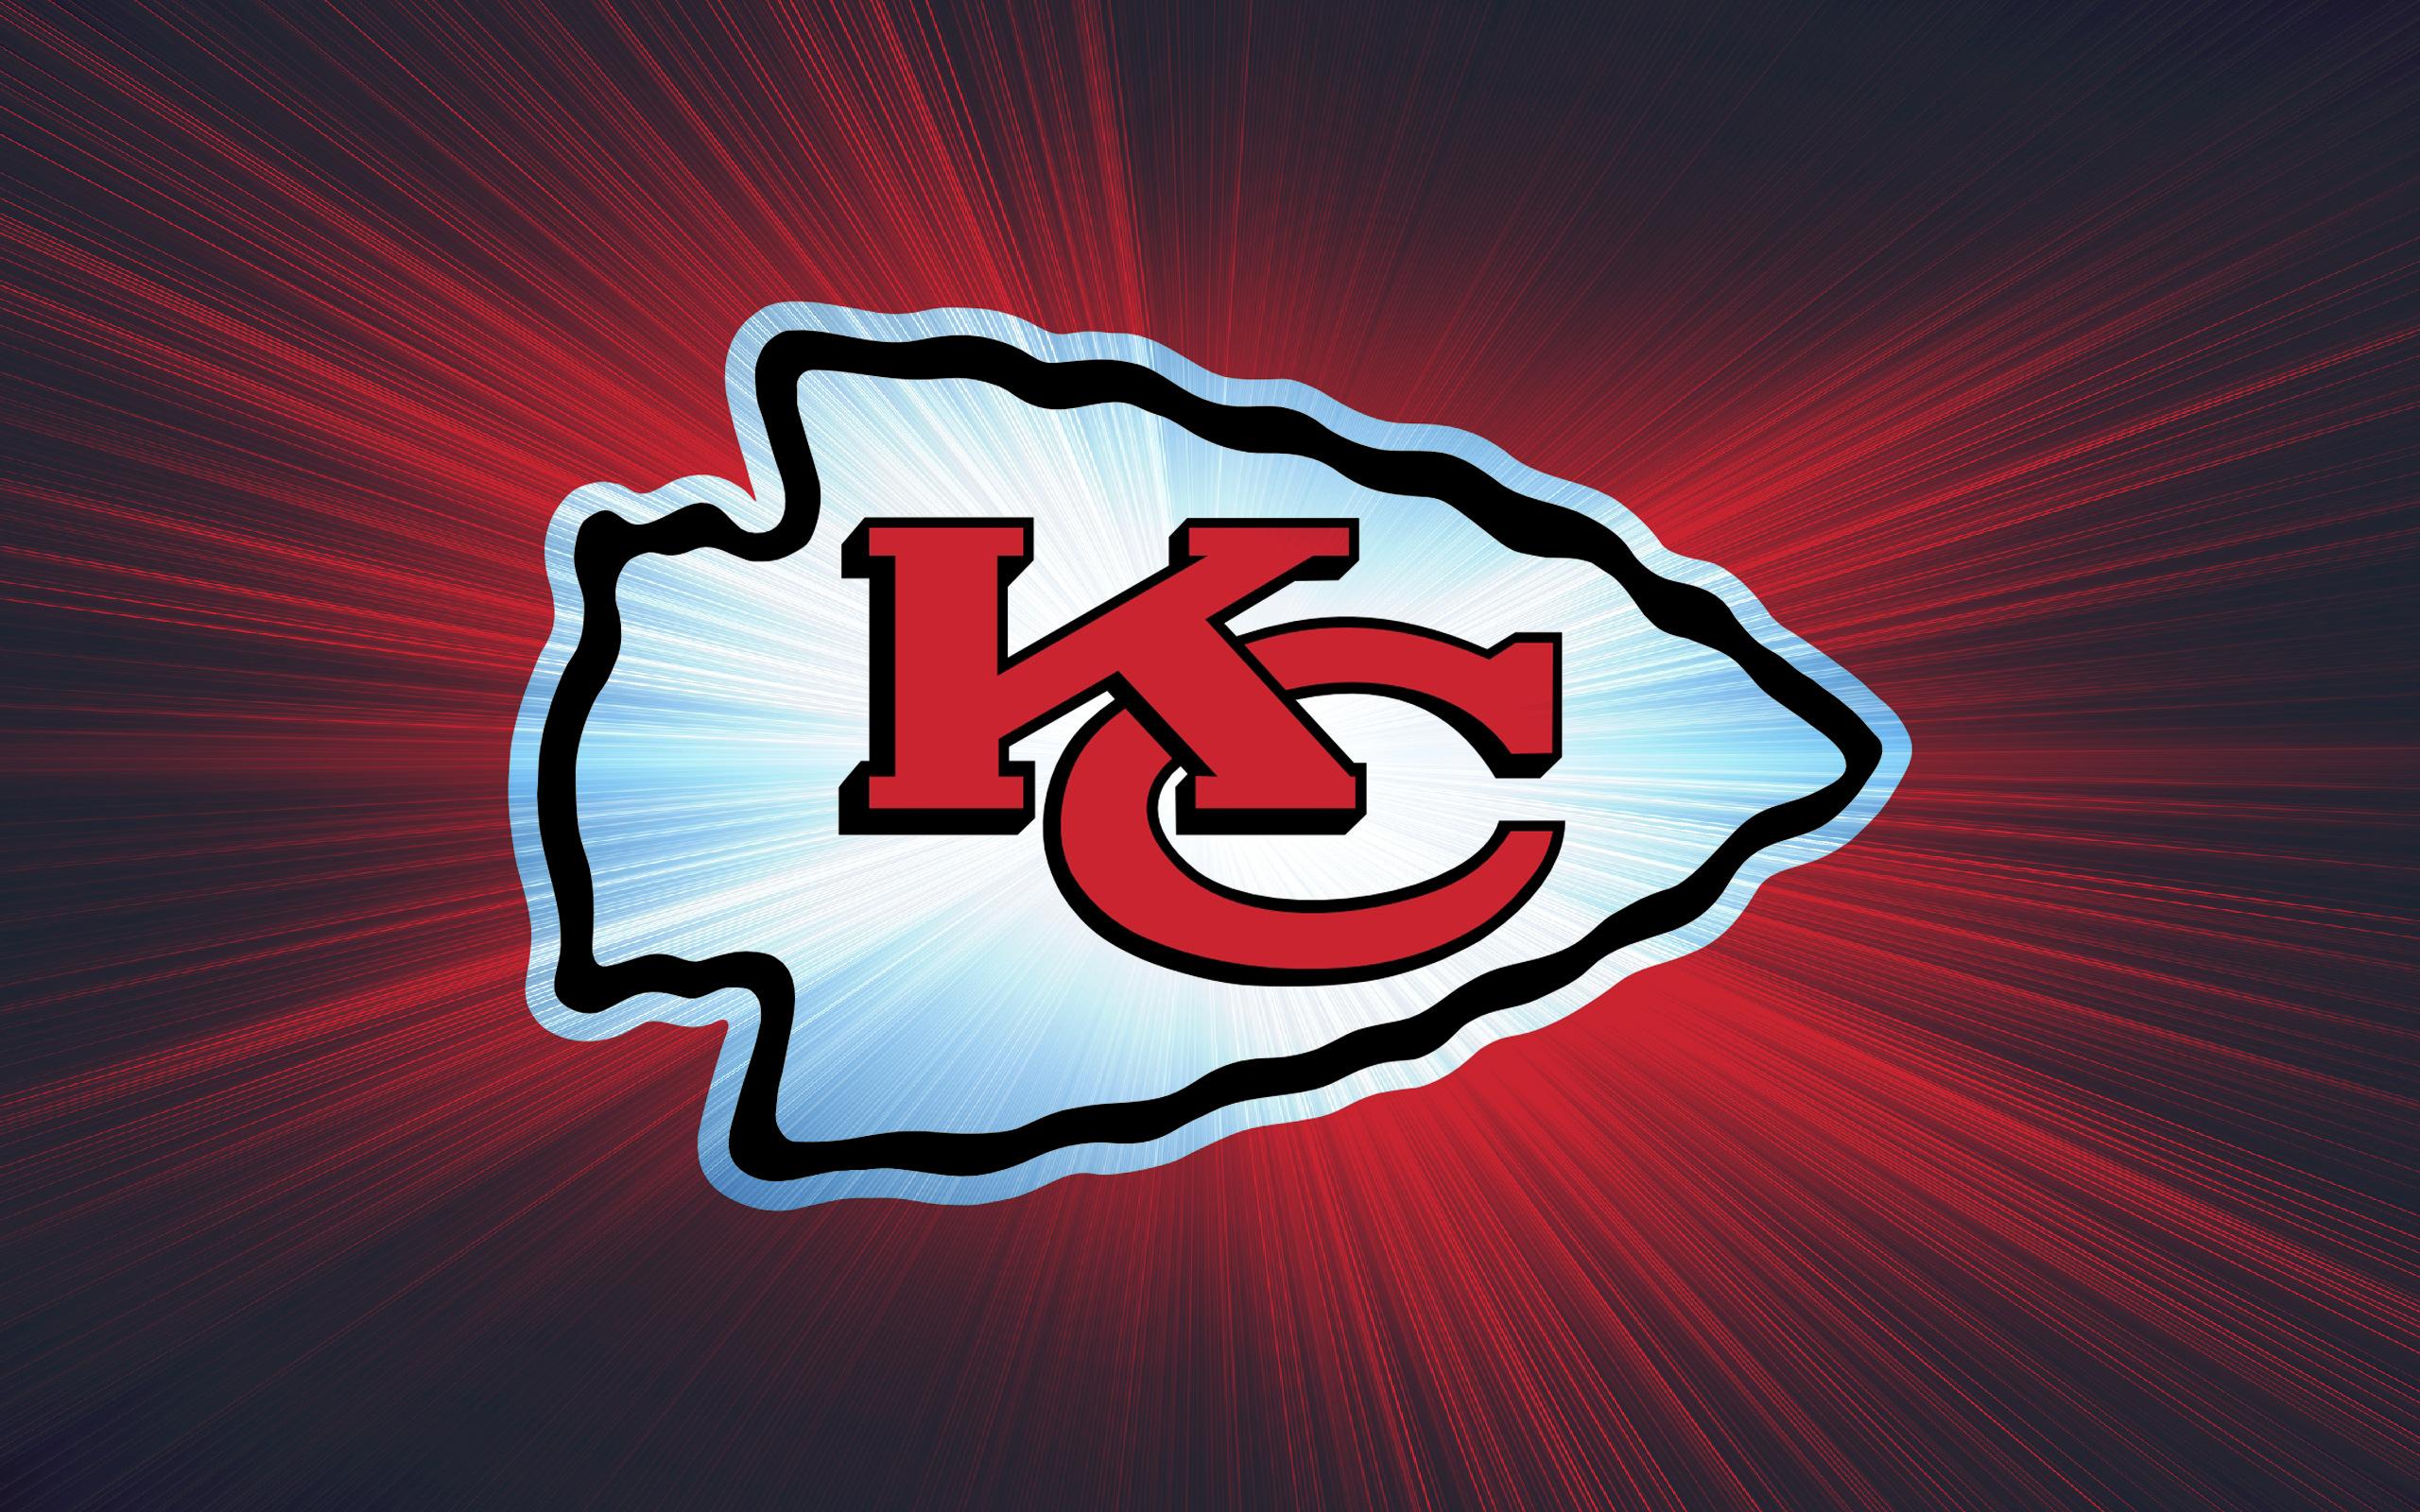 Kansas City Chiefs Computer Wallpapers Desktop Backgrounds 2560x1600